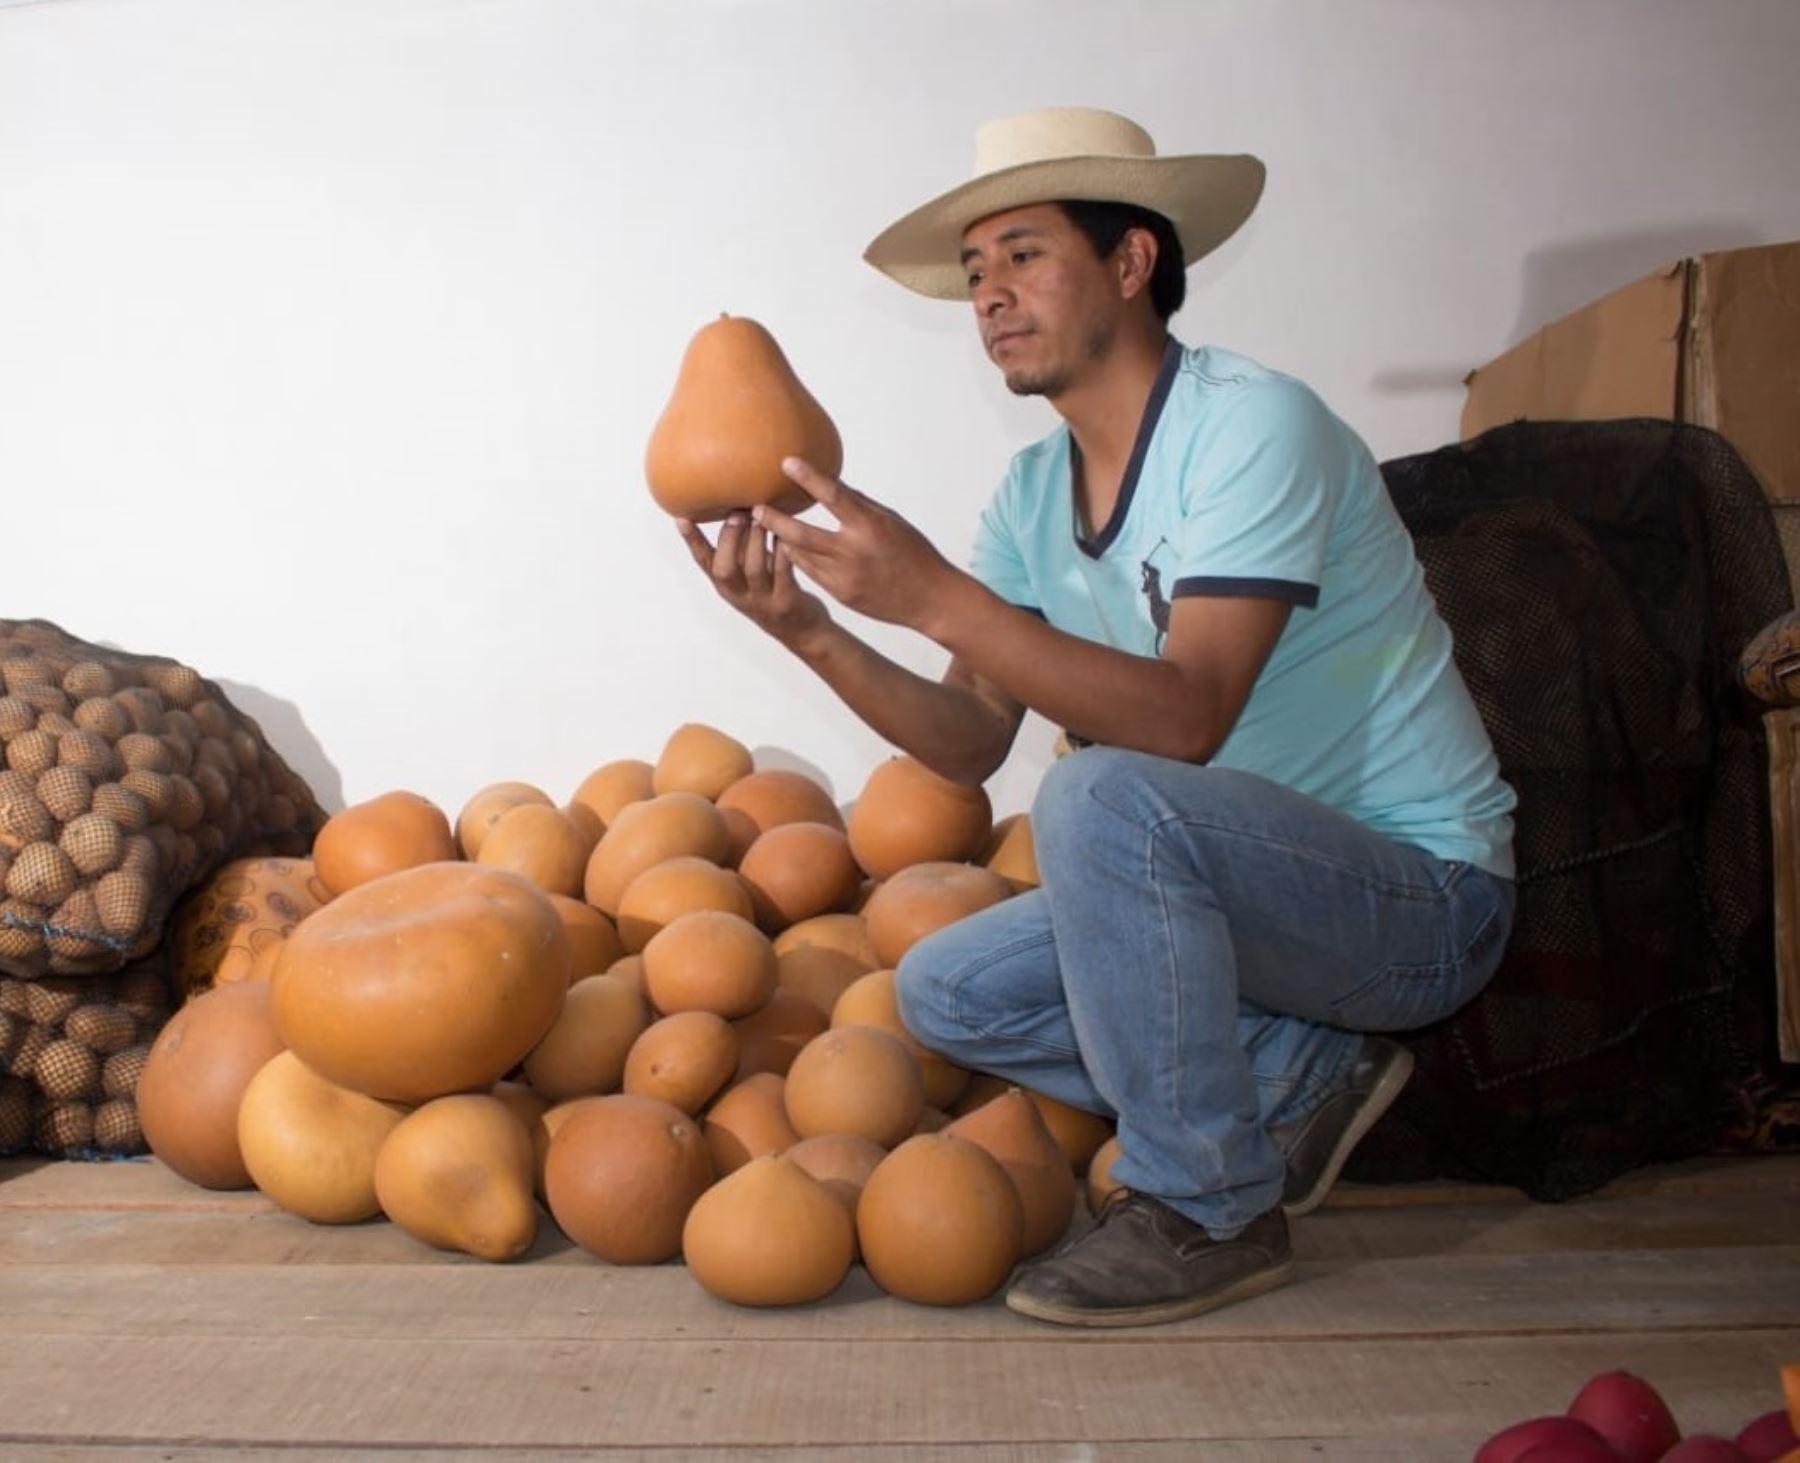 Conoce a Luis Felipe Manrique, el maestro huancavelicano que ganó el concurso Artesano creativo del Bicentenario que organizaron Mincetur y la embajada de Estados Unidos en Perú. ANDINA/Difusión